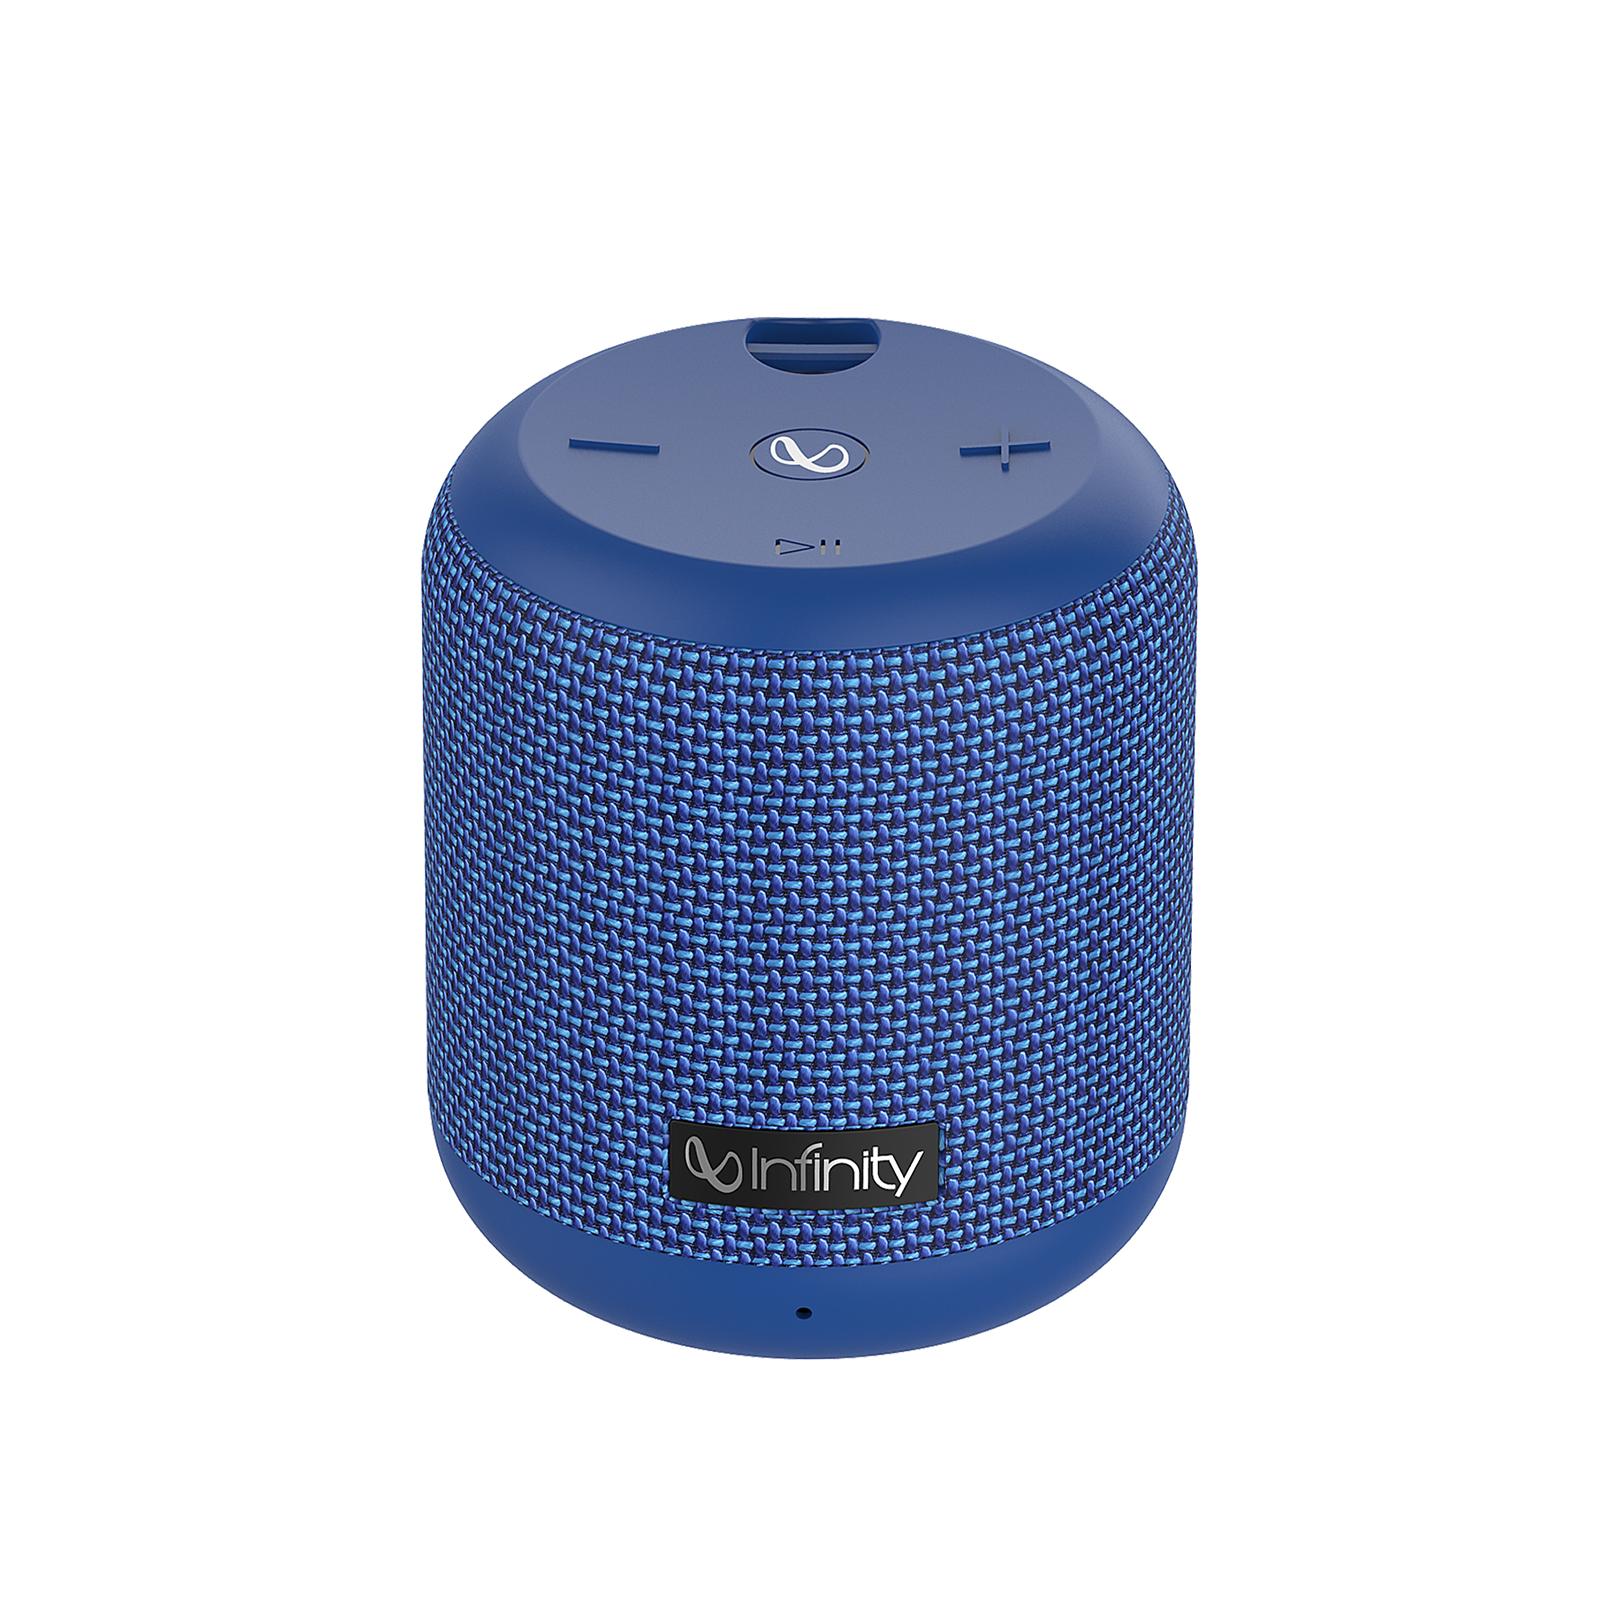 INFINITY FUZE 100 - Blue - Portable Wireless Speaker - Front